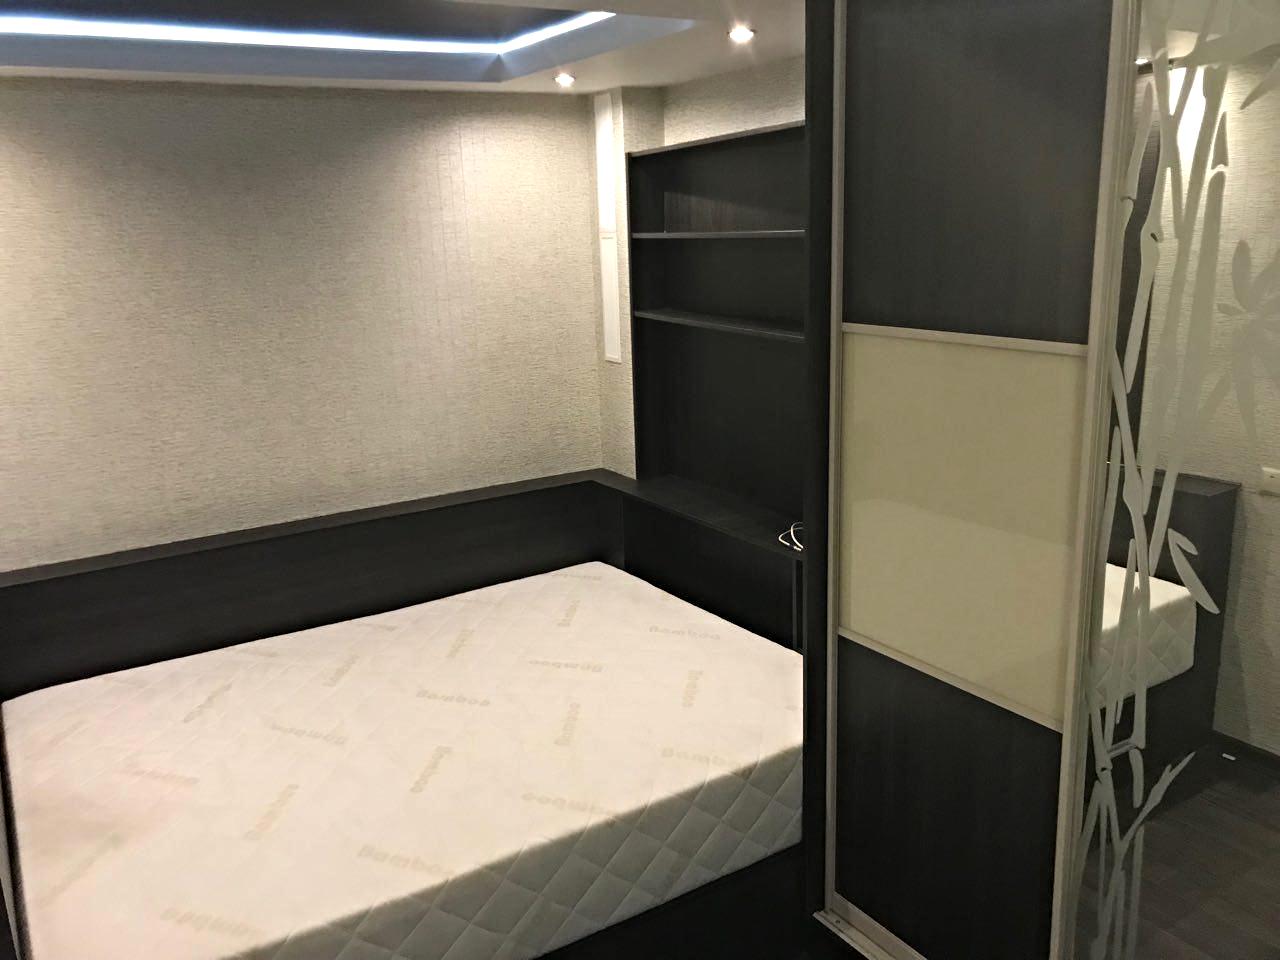 Встроенная кровать-подиум со стенкой под телевизор + шкаф-купе читать отзыв